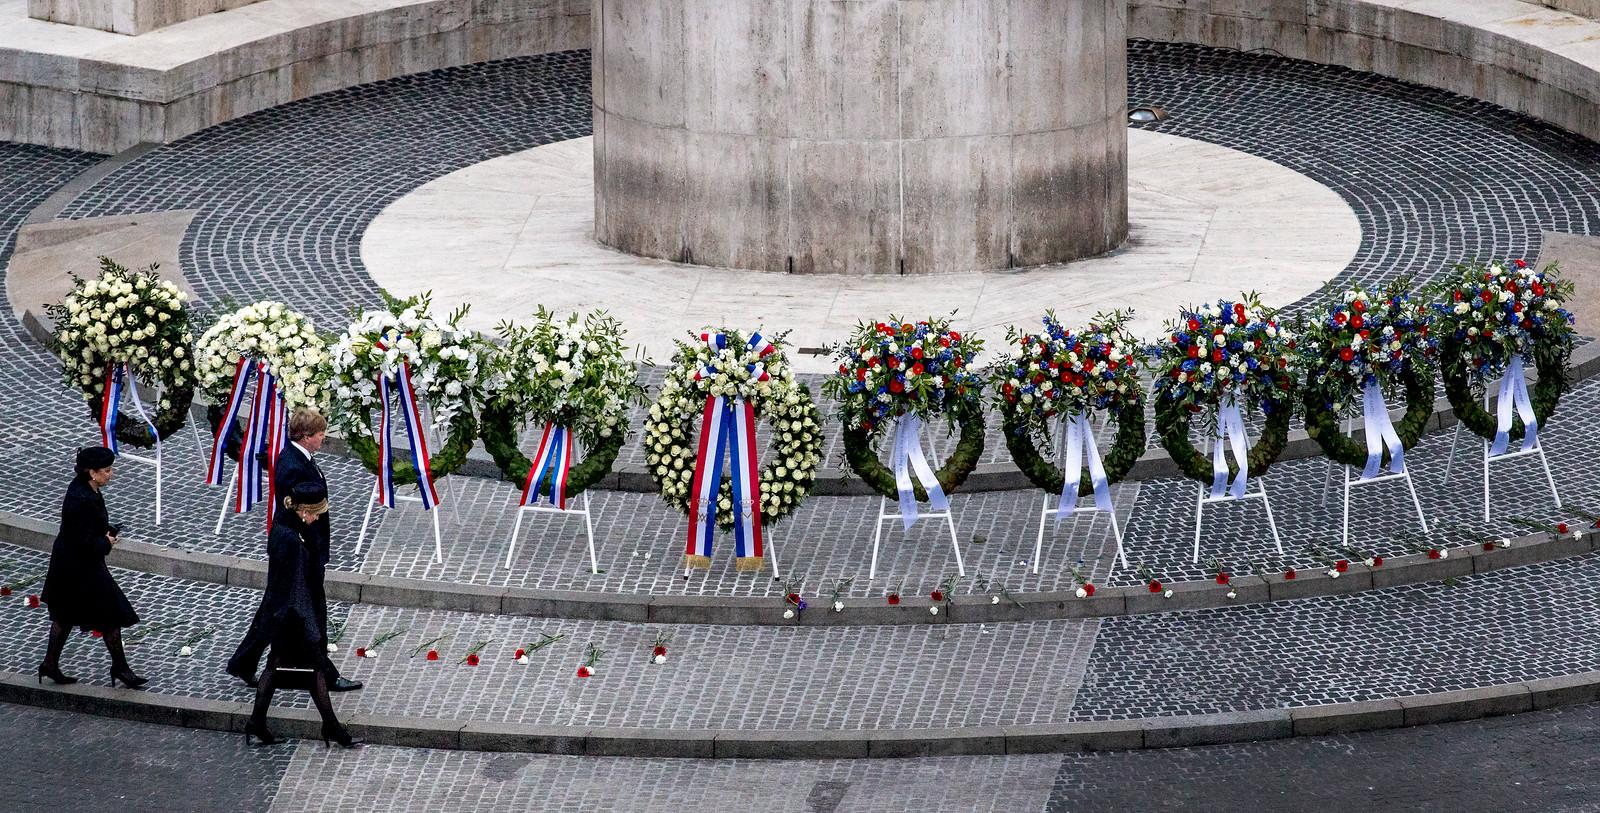 Koning Willem-Alexander en koningin Máxima leggen een krans bij het Nationale Monument op de Dam tijdens de nationale dodenherdenking.